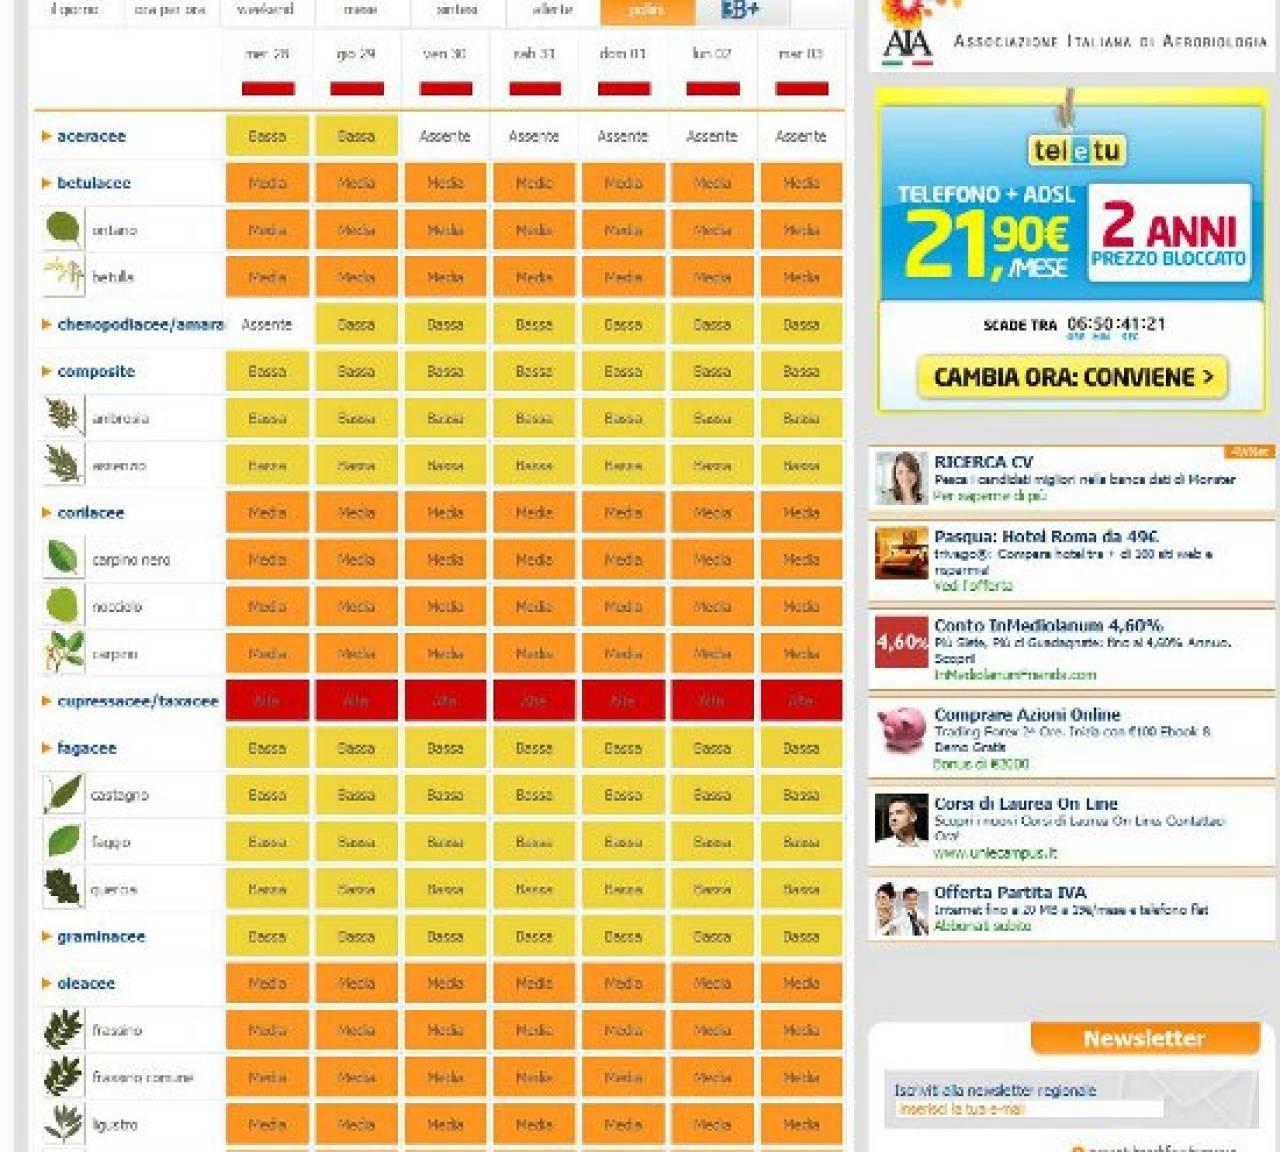 Calendario Pollini Allergie.Uno Screenshot Della Nostra Sezione Interamente Dedicata Ai